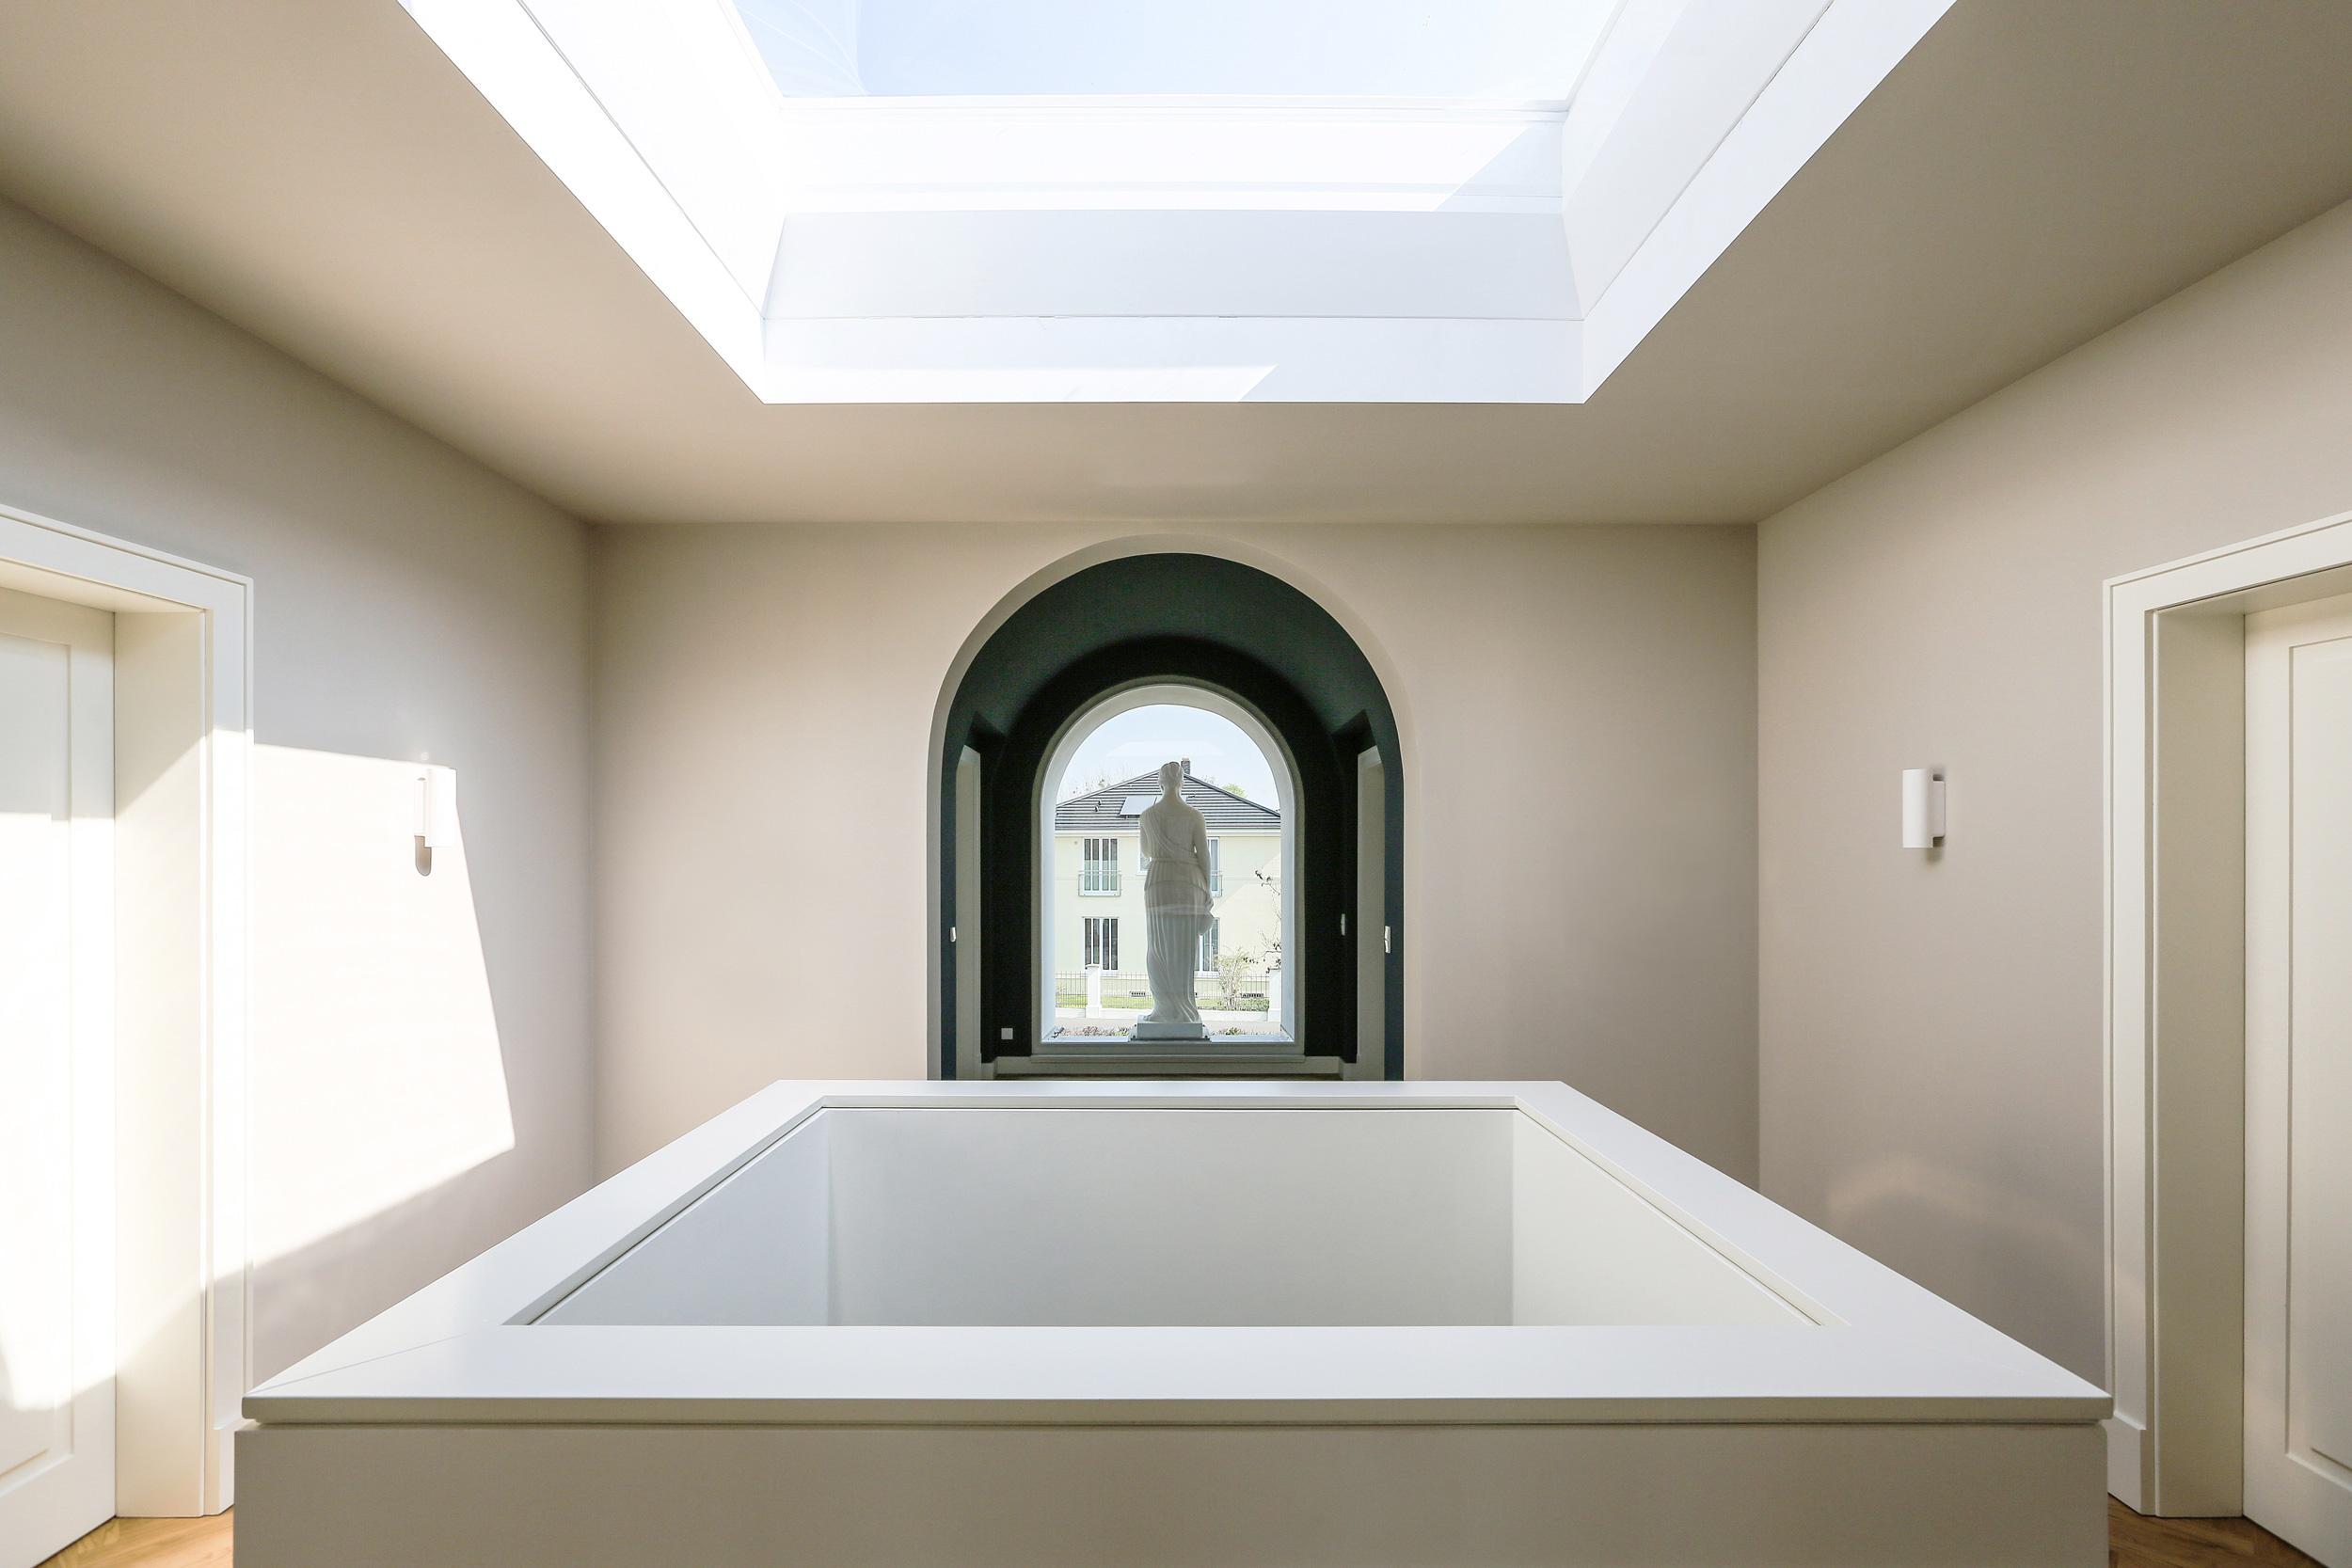 Neubau einer Villa im Klassik-Stil in Potsdam - Die Galerie der Halle im Obergeschoss mit dem klarverglasten Oberlicht Oberlicht